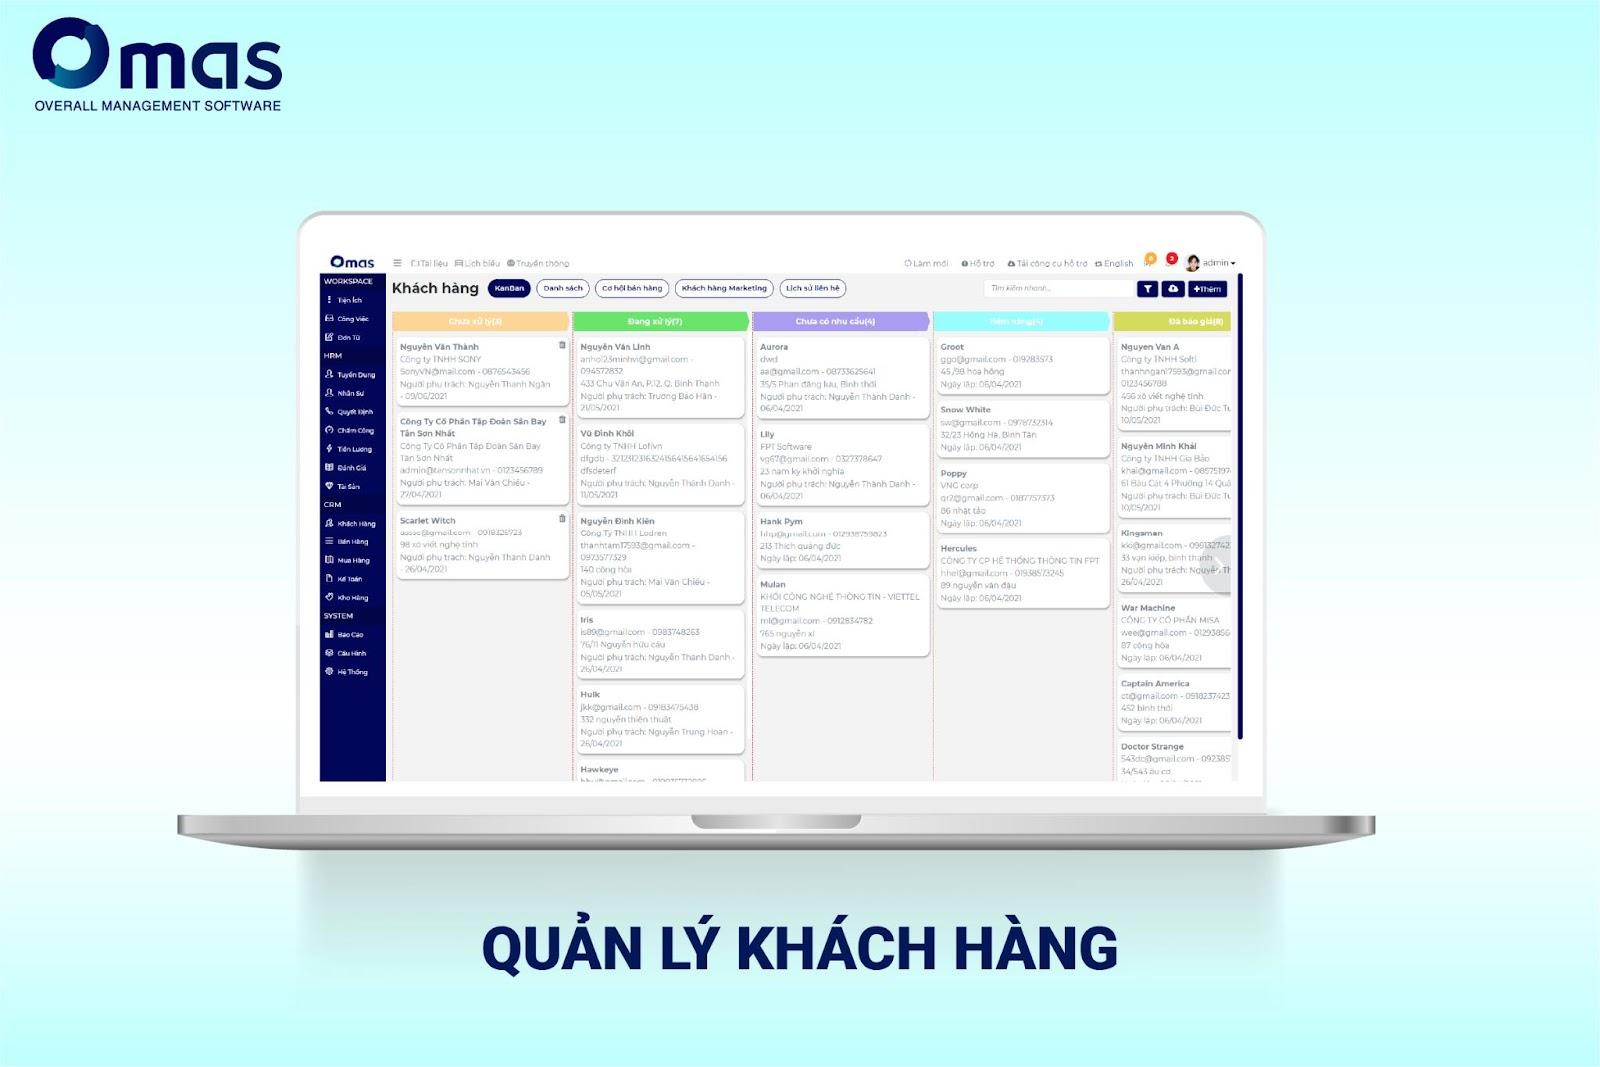 Omas - Hệ thống quản lý khách hàng hiệu quả